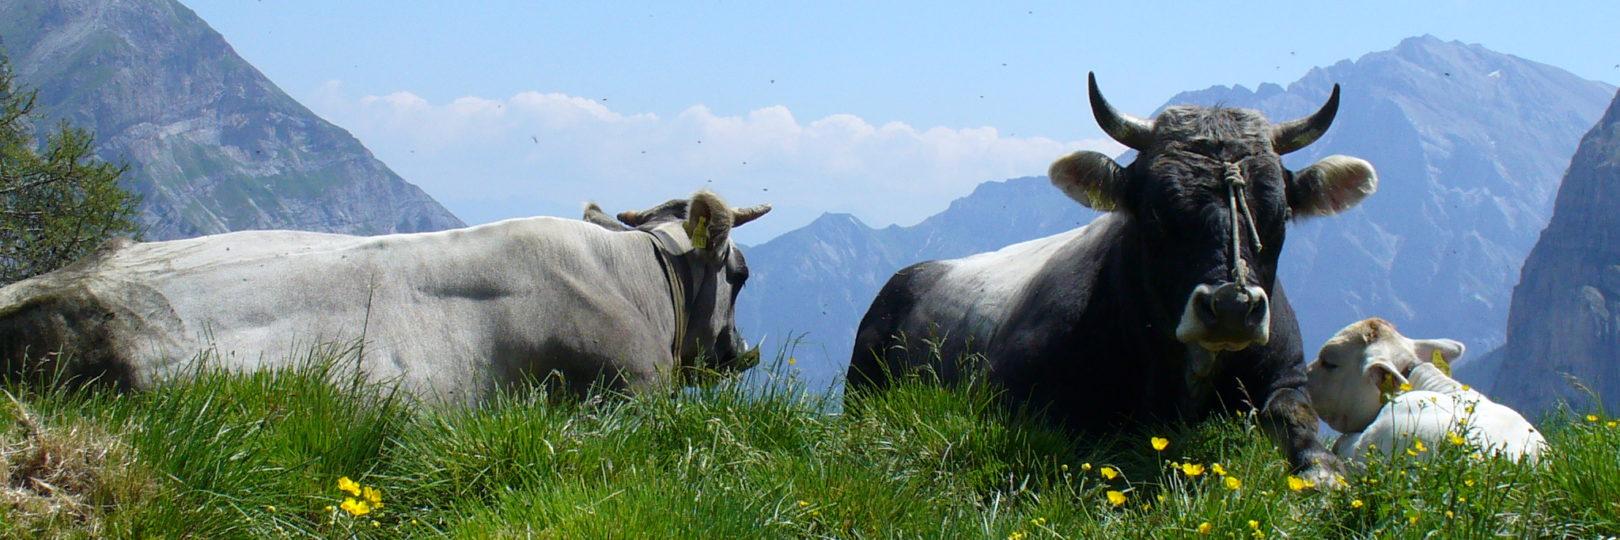 Beliebt Bevorzugt Bio-Rindfleisch vom Bauernhof #OV_44